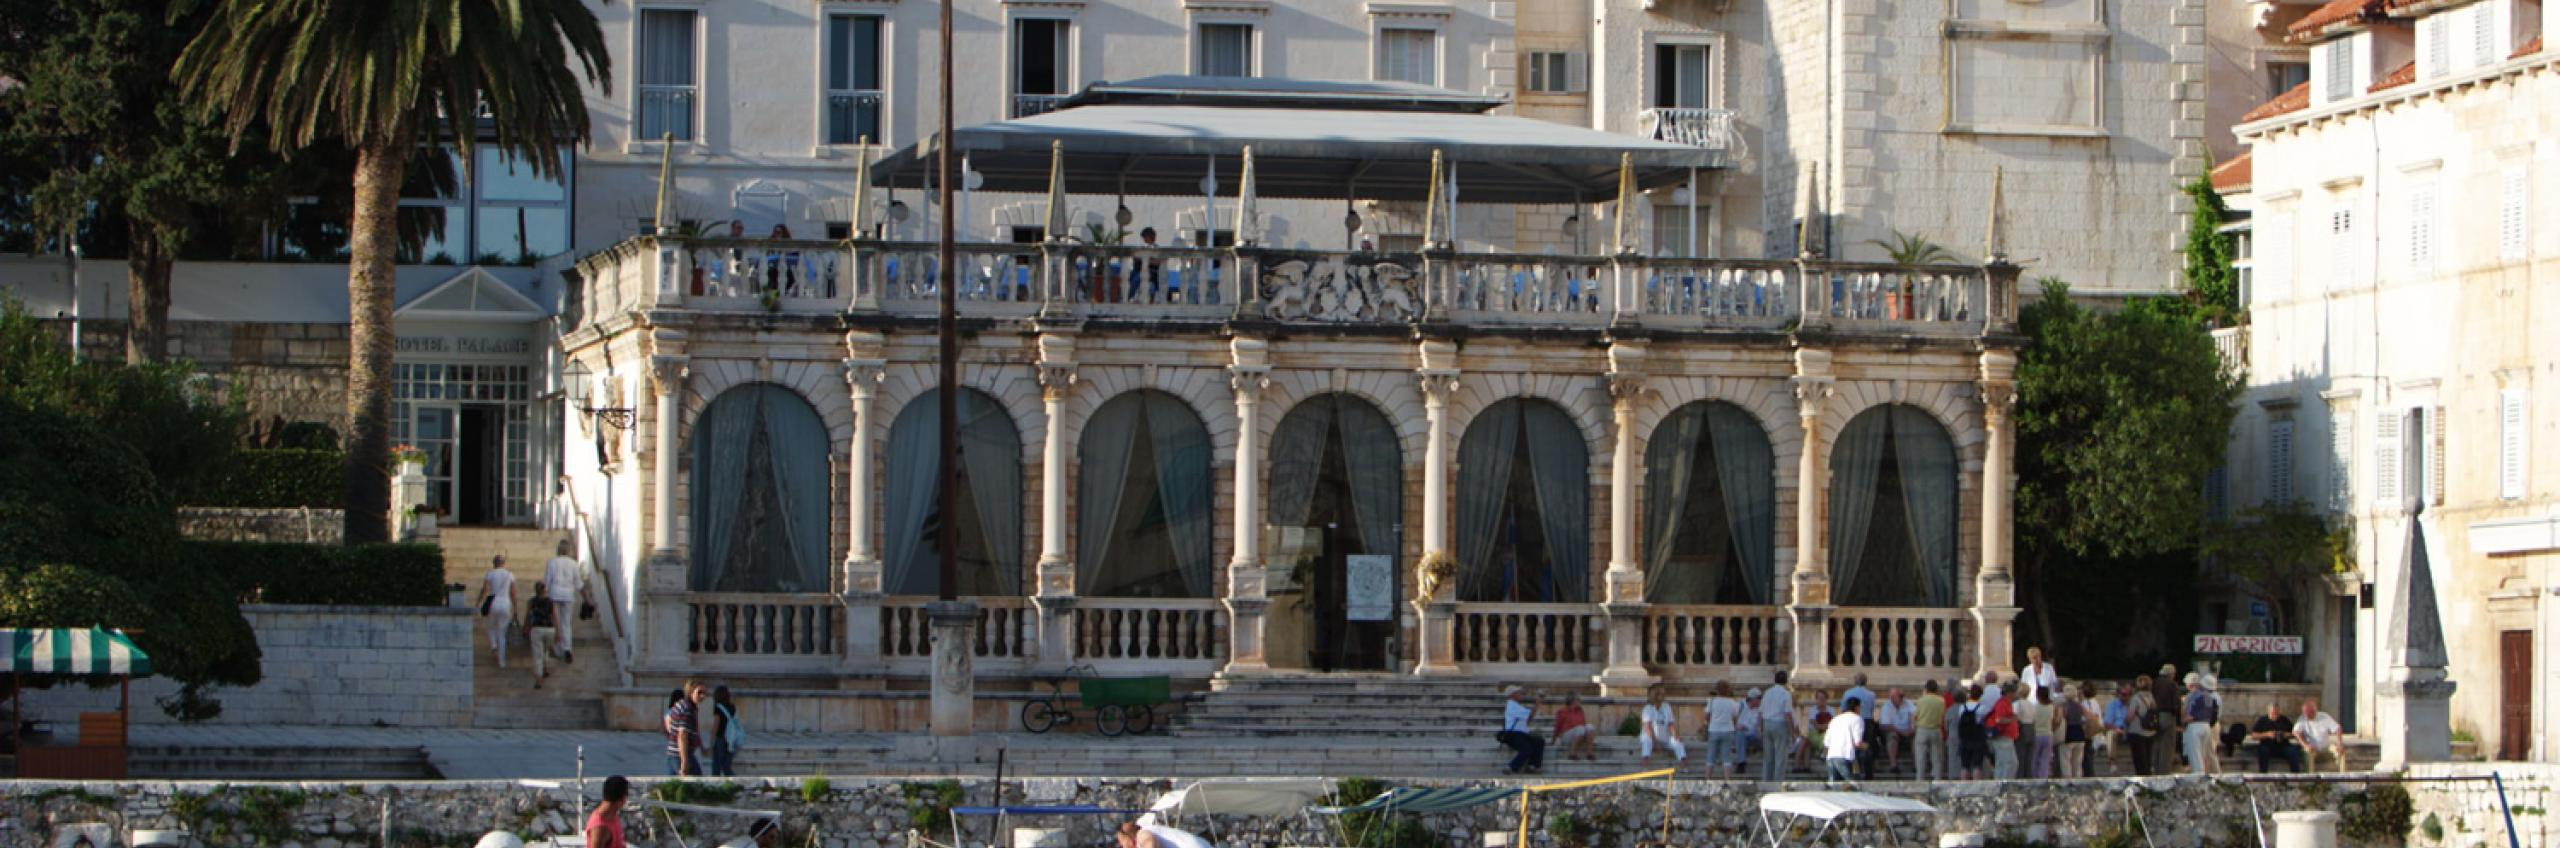 The Palace, hvar